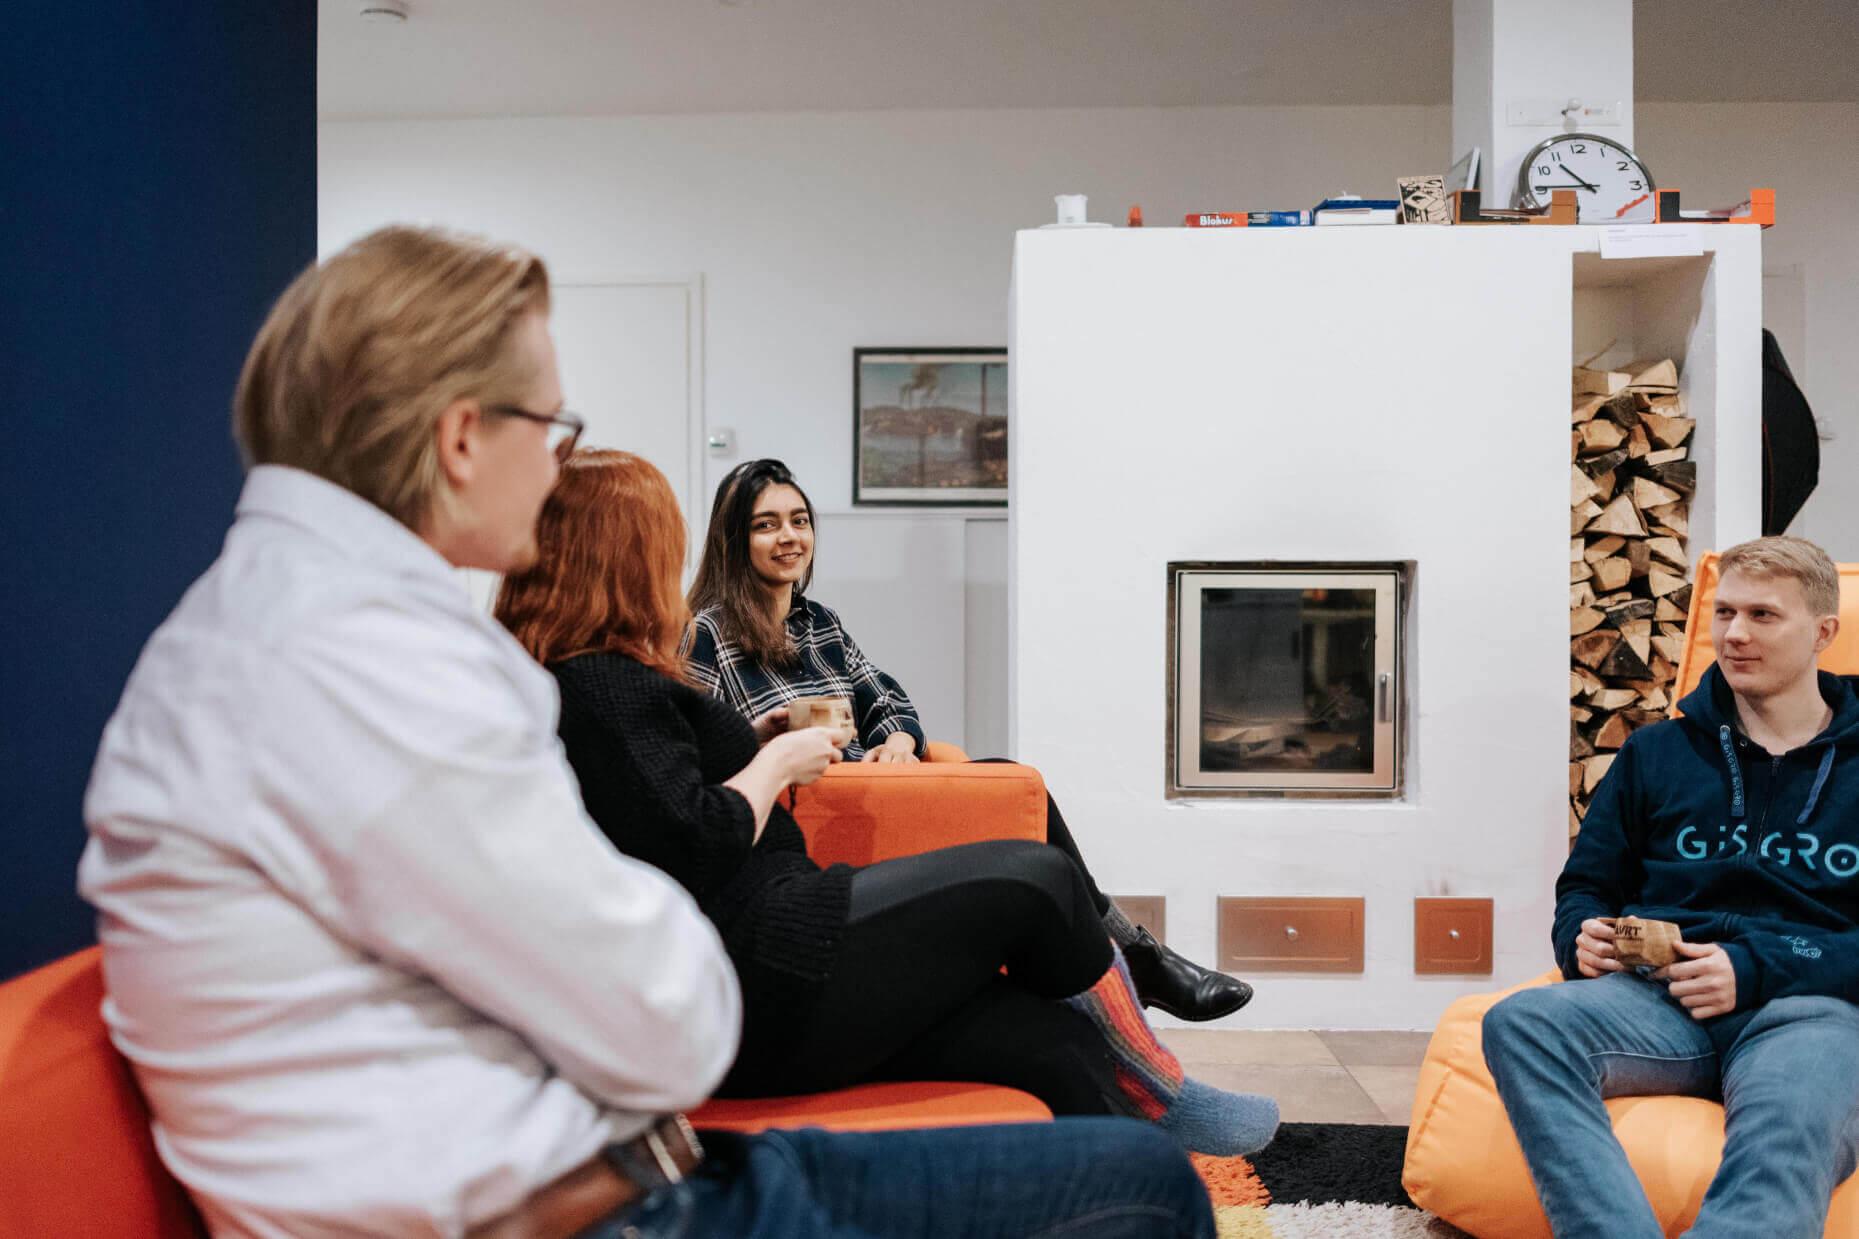 kuvapankkikuva gisgro ihmisiä toimistolla katse kameraan